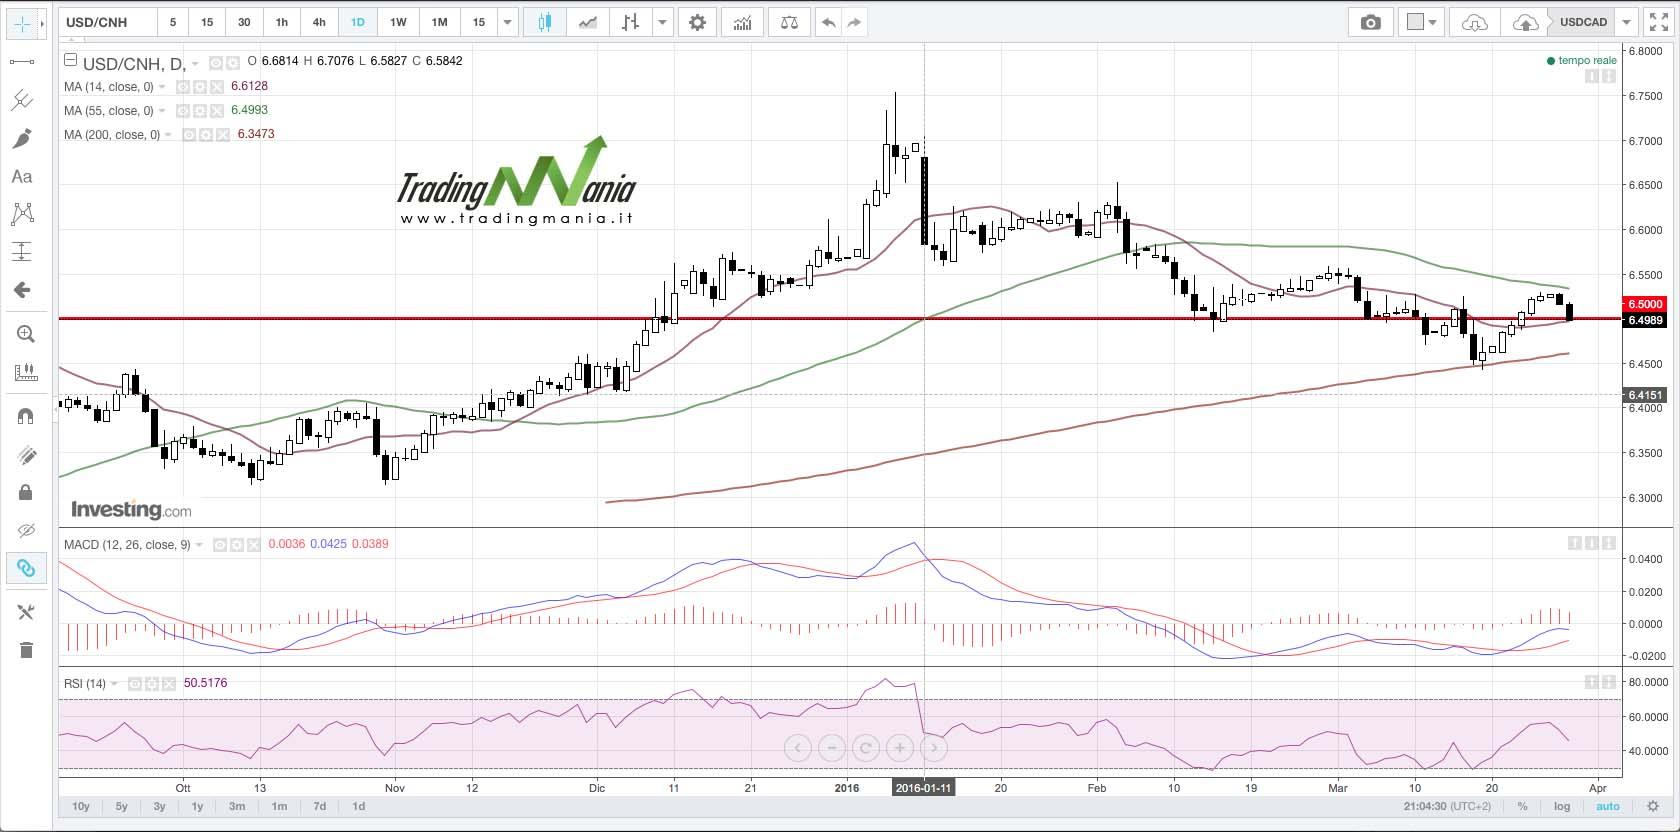 Strategia di trading su USDCNH